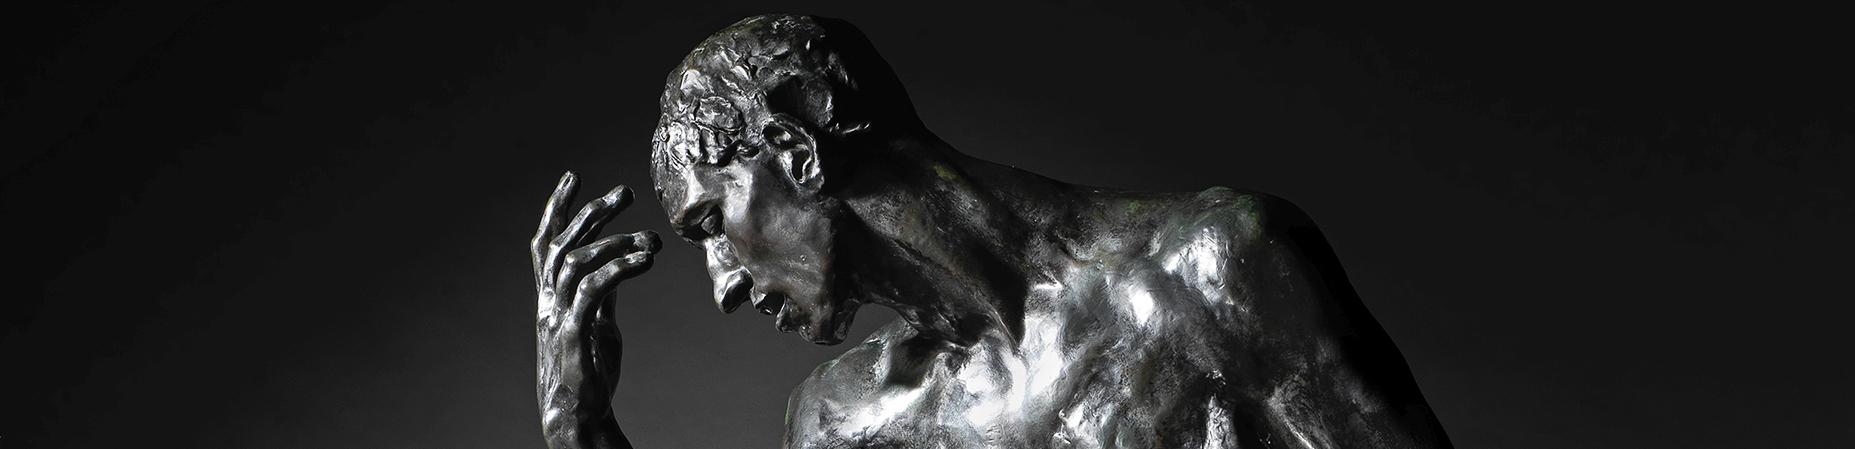 Auguste Rodin. L'un des Bourgeois de Calais: Étude de nu monumentale pour Pierre de Wissant, detalle. Estimación: £400,000-600,000